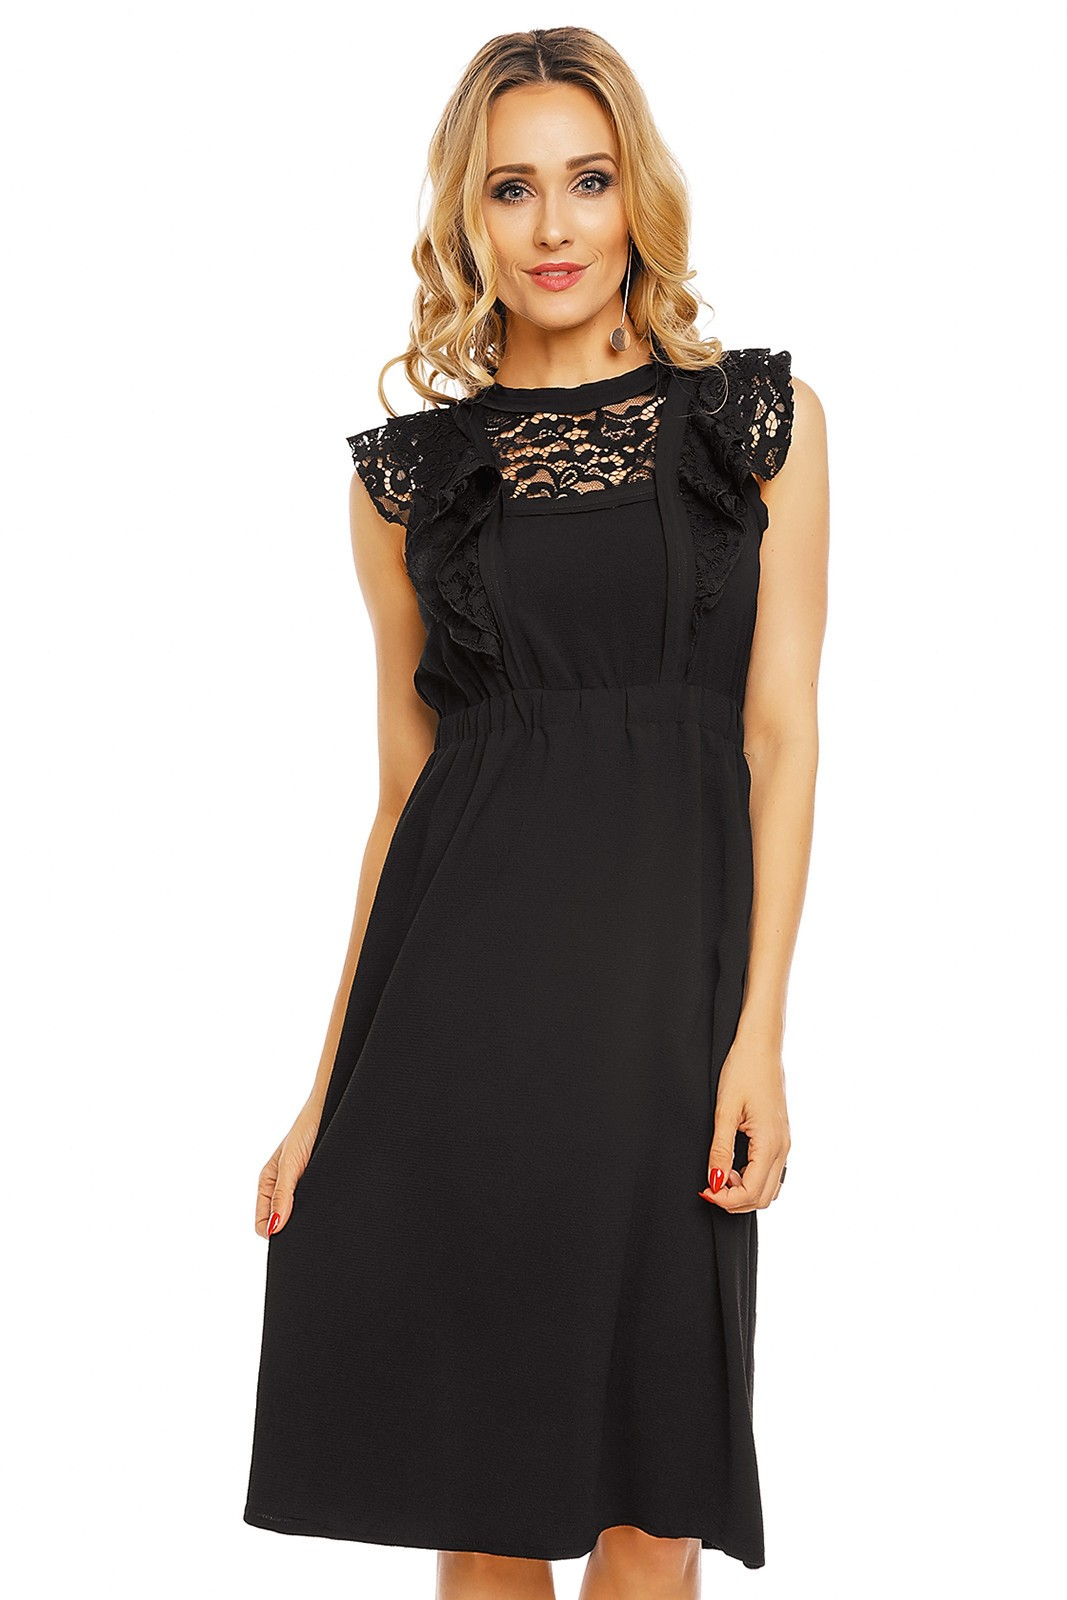 Dámské šaty s krajkovým rukávem středně dlouhé černé - Černá - Elli White černá M/L